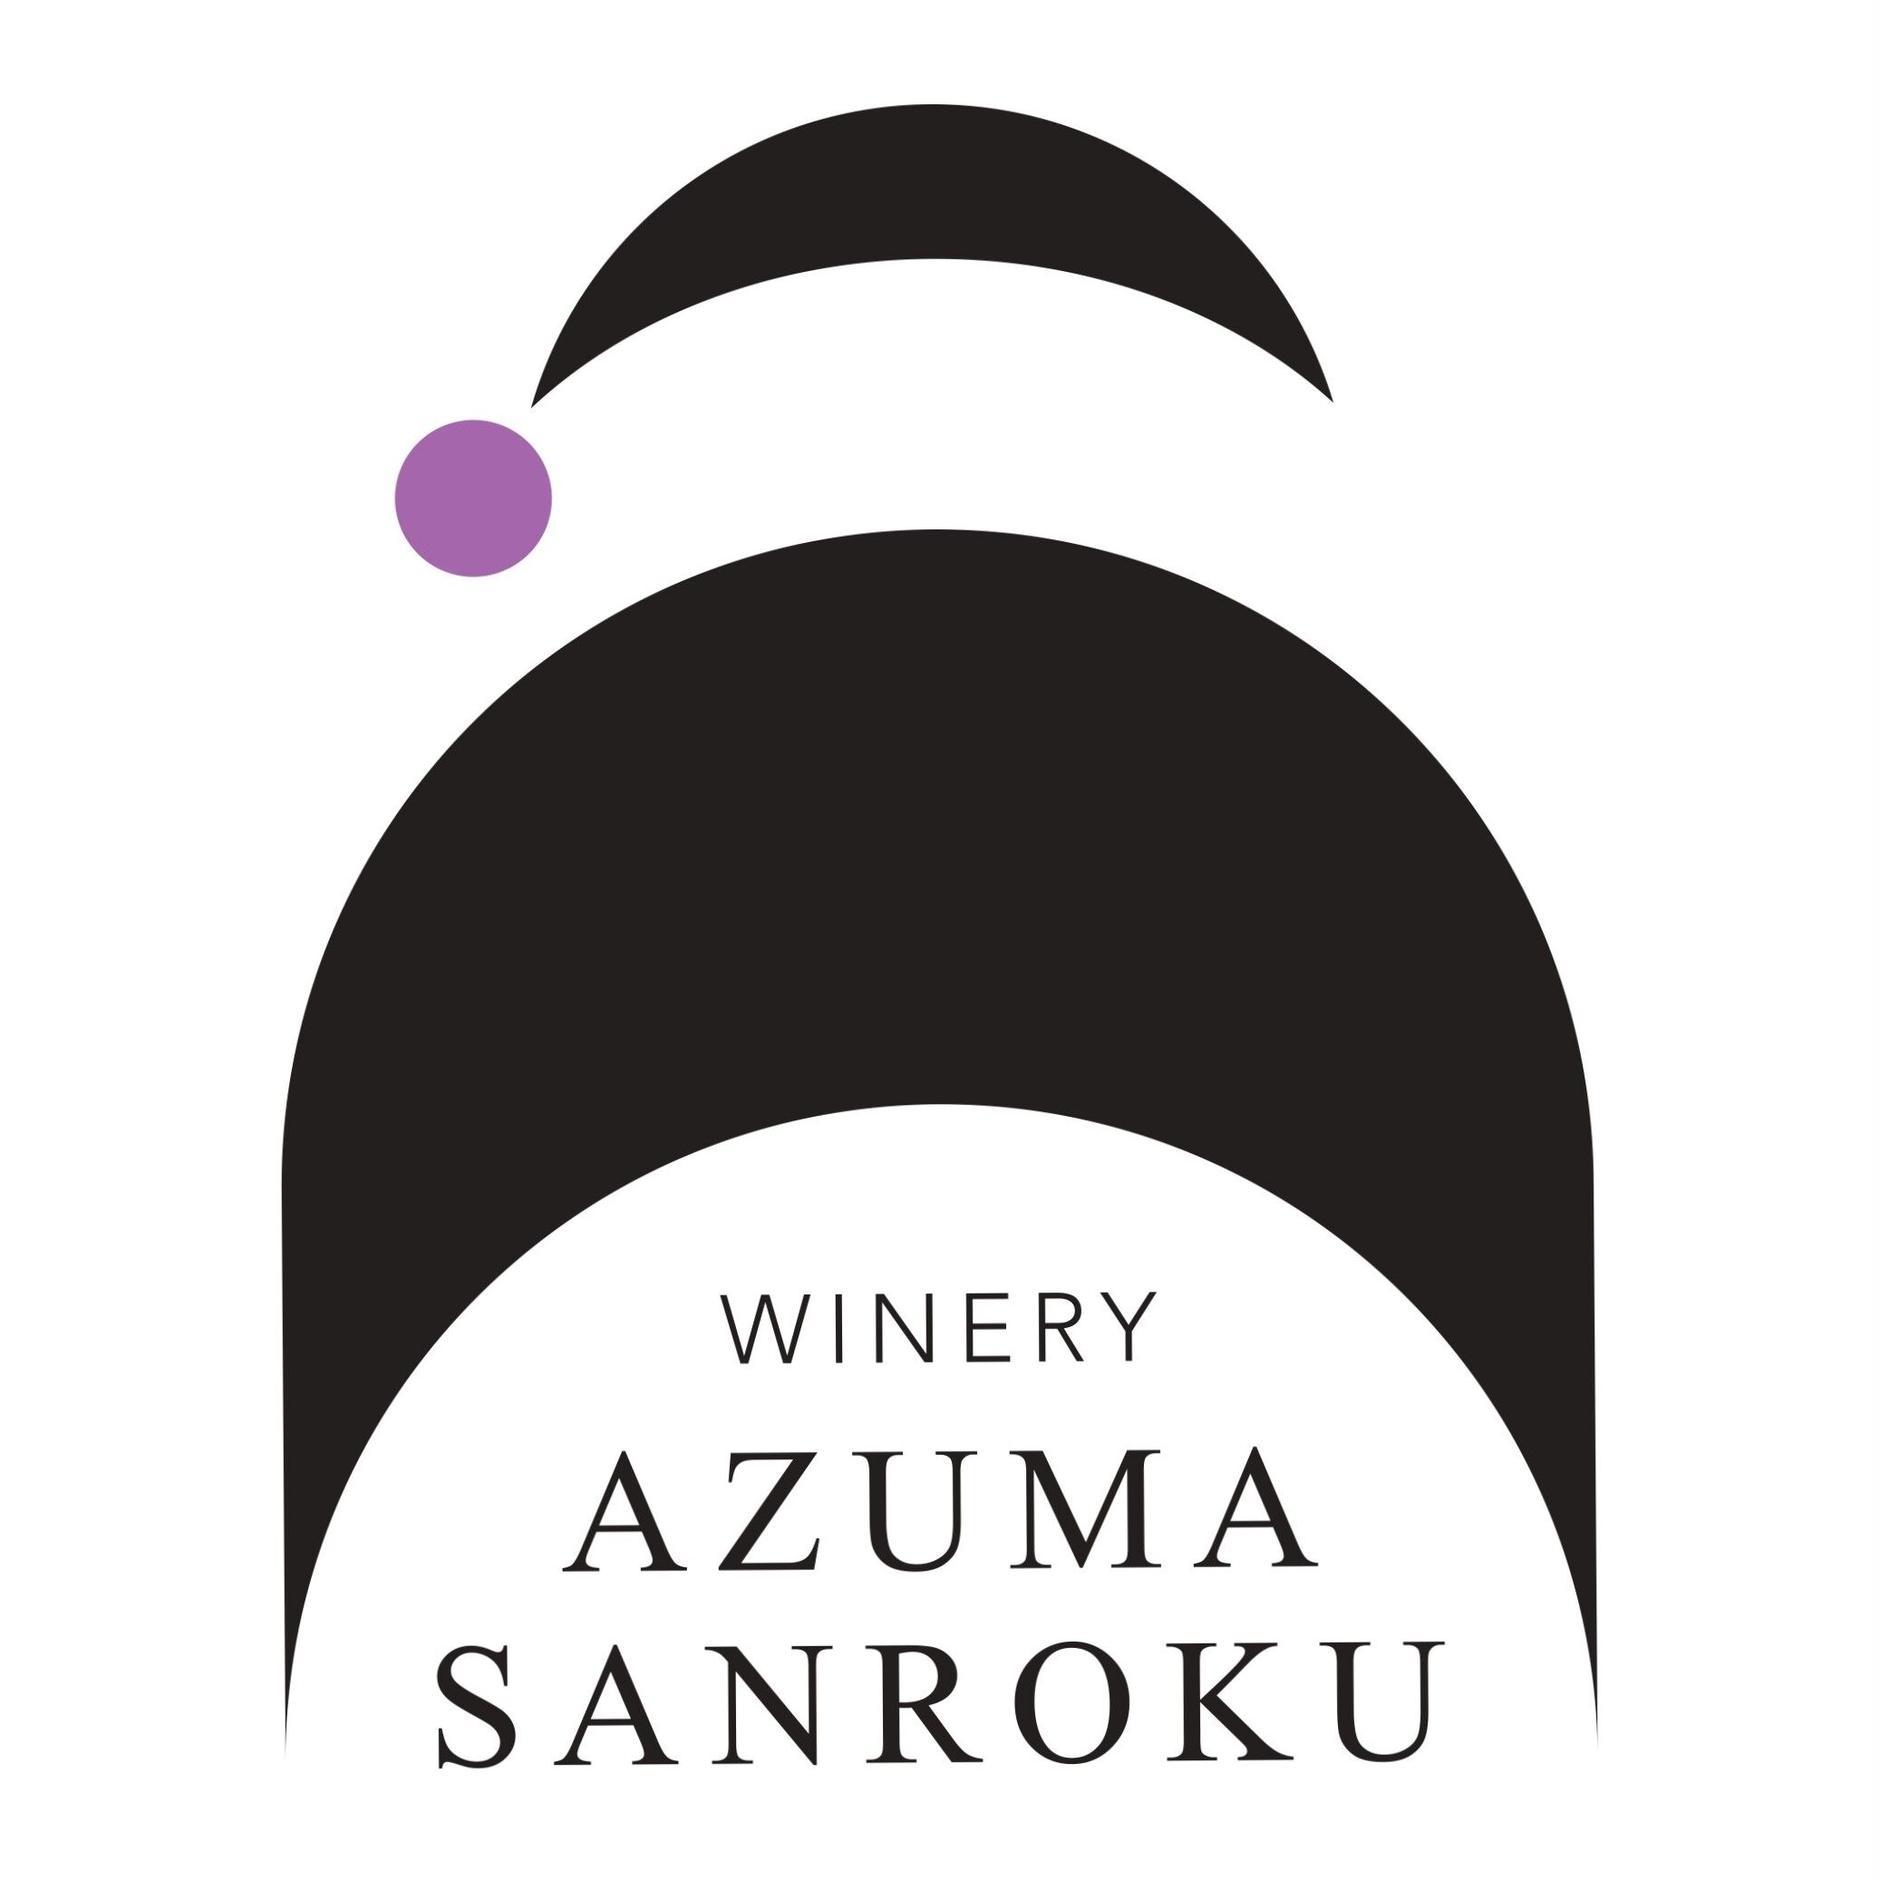 Winery Azuma Sanroku